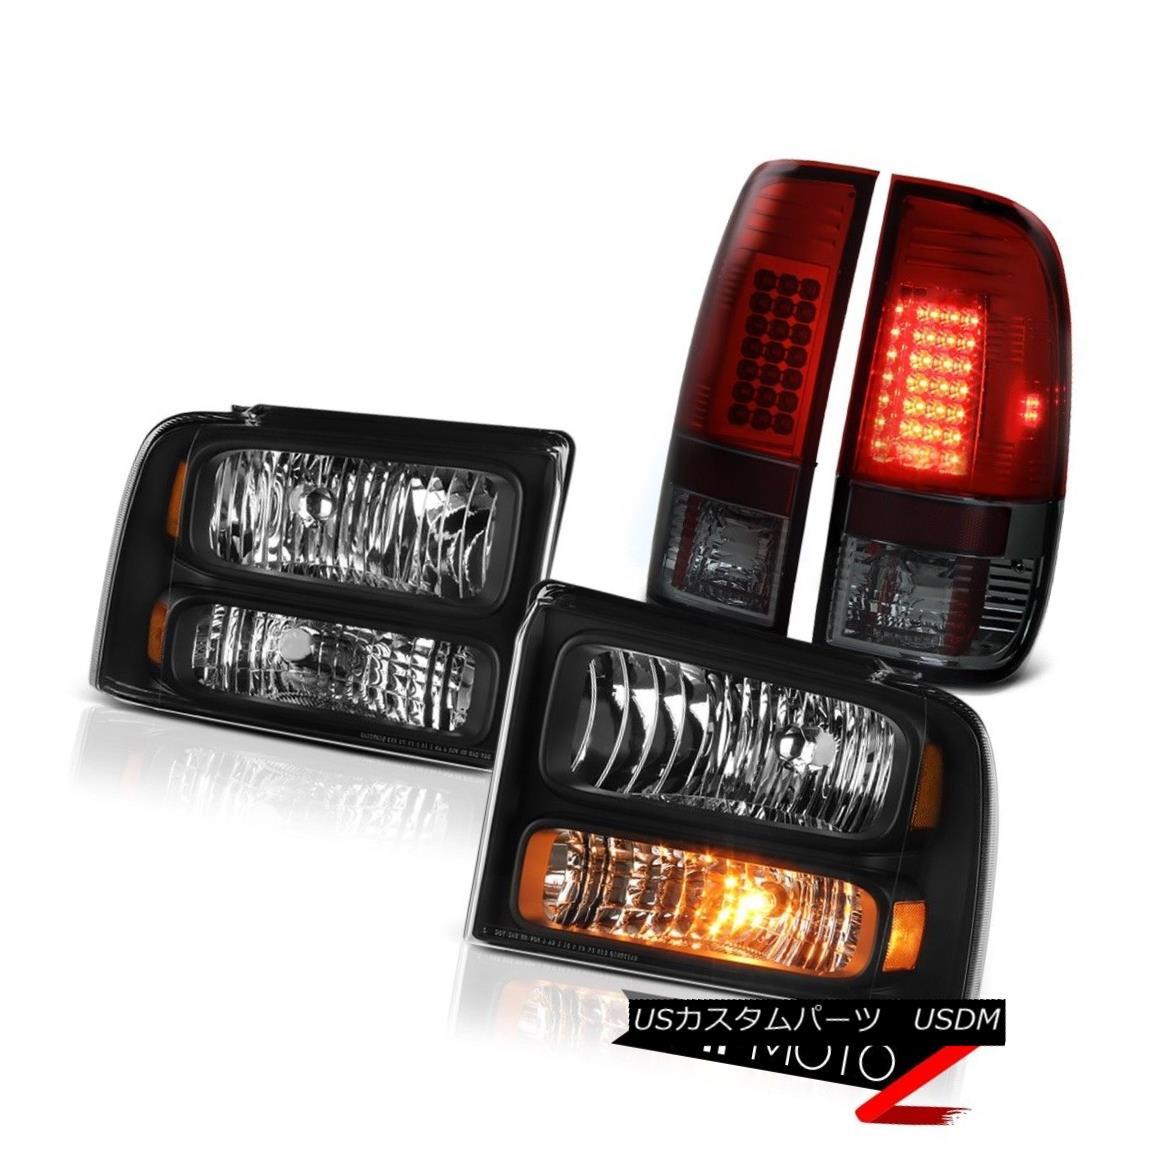 テールライト Black Diamond Headlights Dark Red LED Brake Tail Lights 2005 2006 2007 F250 5.4L ブラックダイヤモンドヘッドライトダークレッドLEDブレーキテールライト2005 2006 2007 F250 5.4L